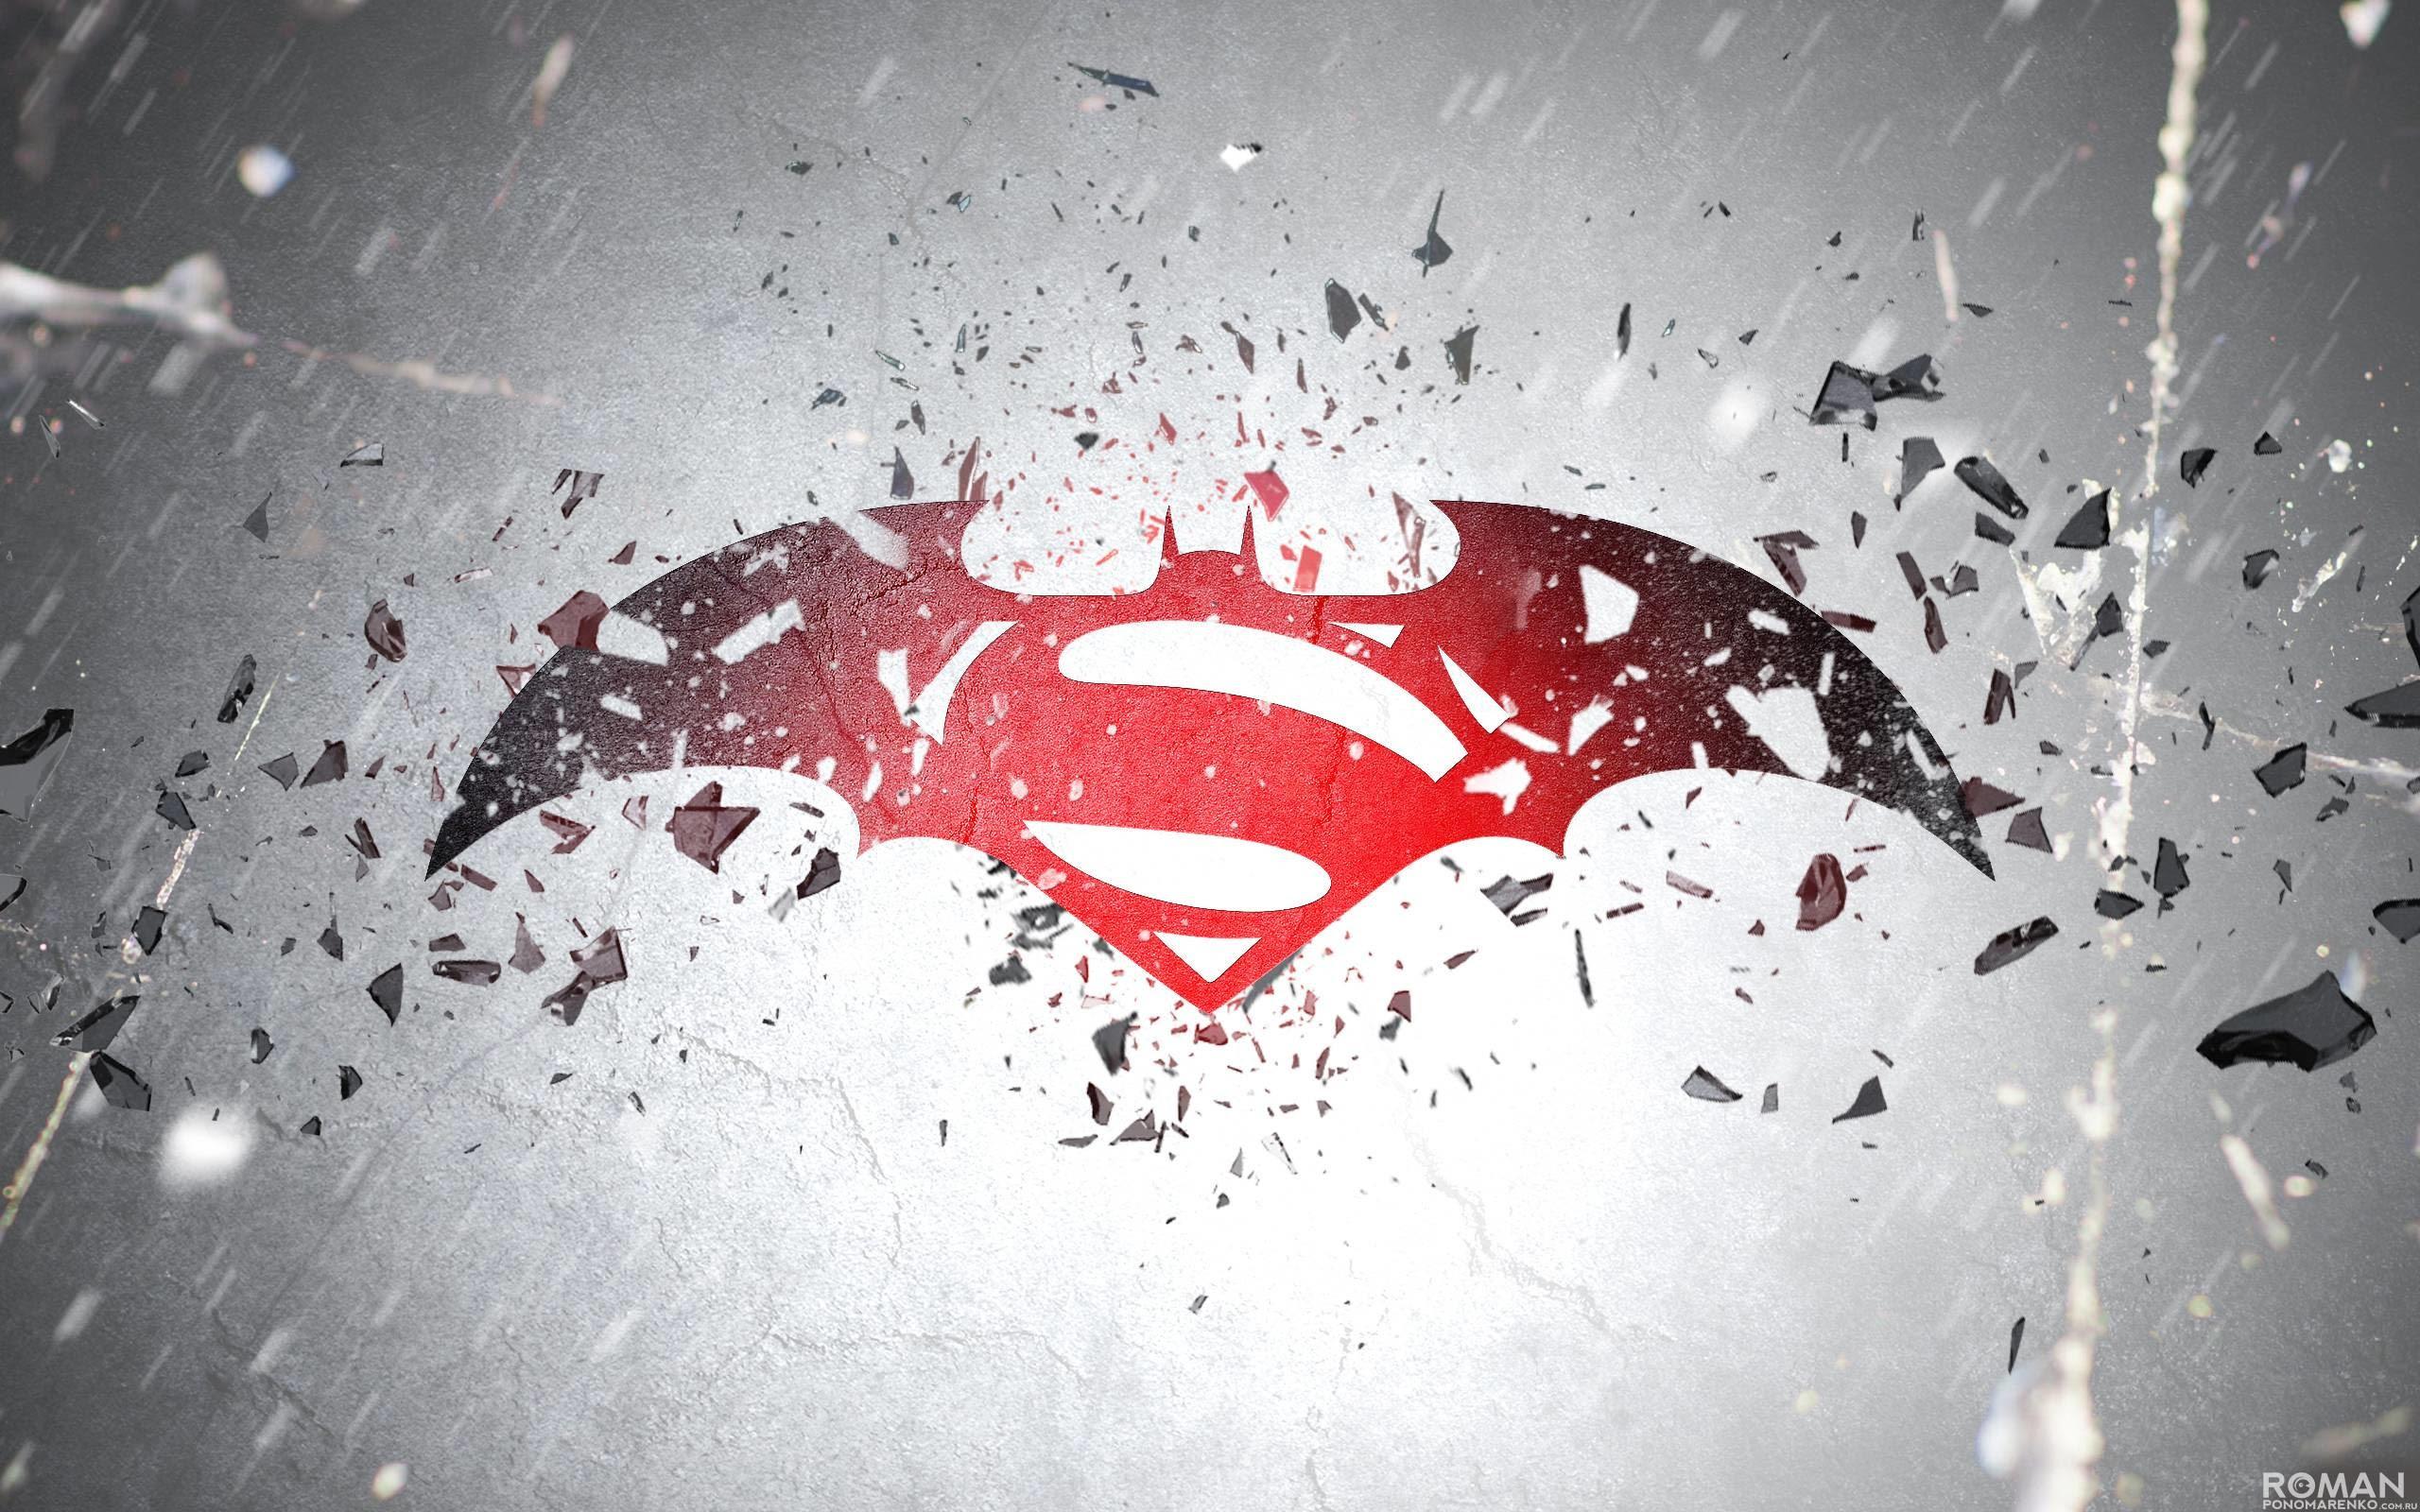 Batman Vs Superman 1080p Wallpapers 77 Images